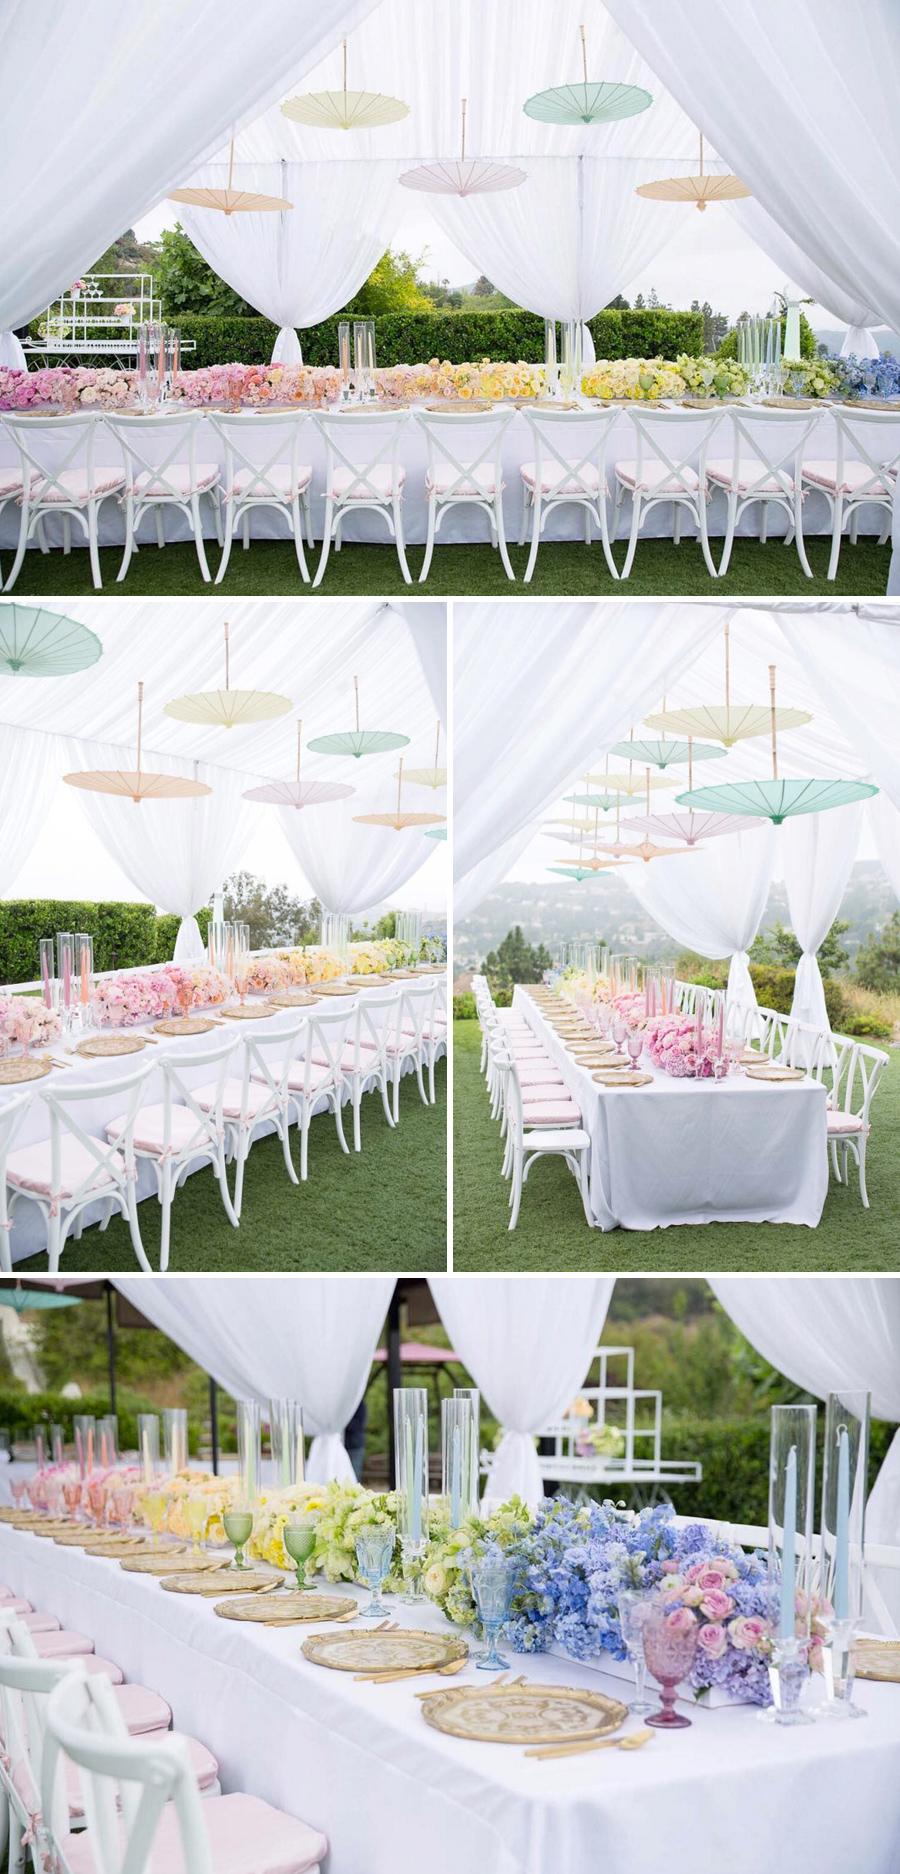 Ein Ombre-Effekt in Pastellfarben - eine kreative und schöne Idee für Ihre Dekoration am Hochzeitstag